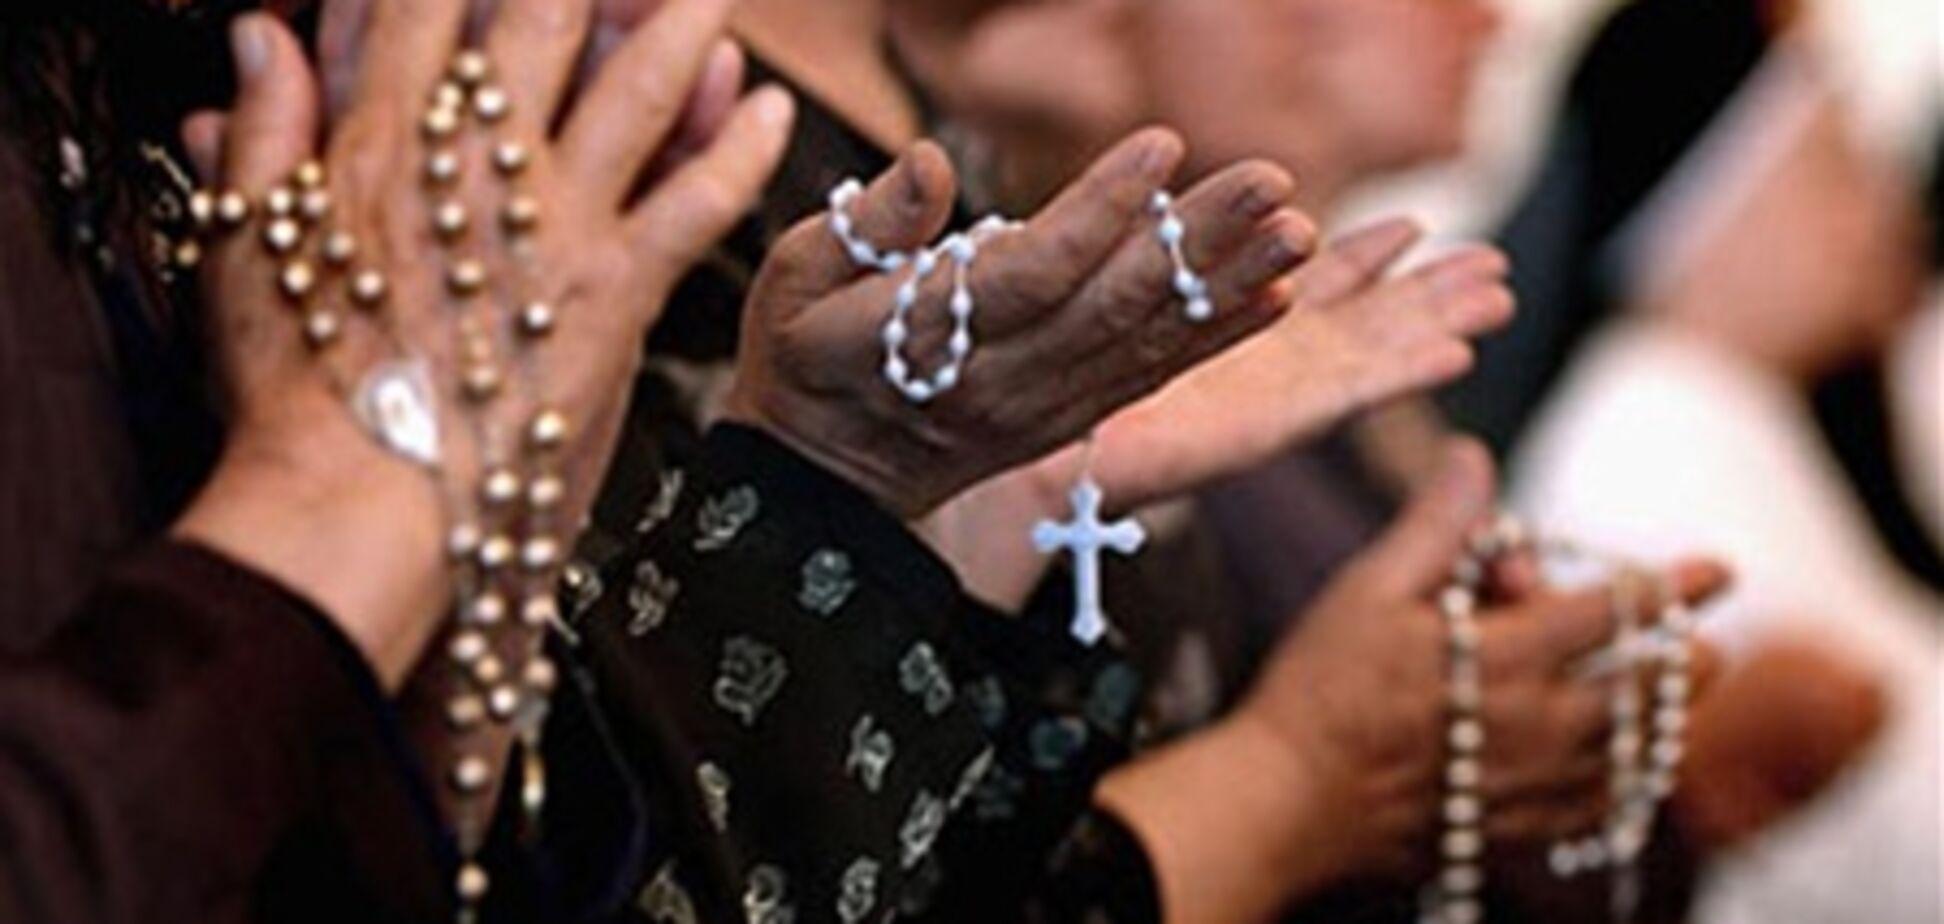 Християн в Європі стає менше, а в Африці - більше